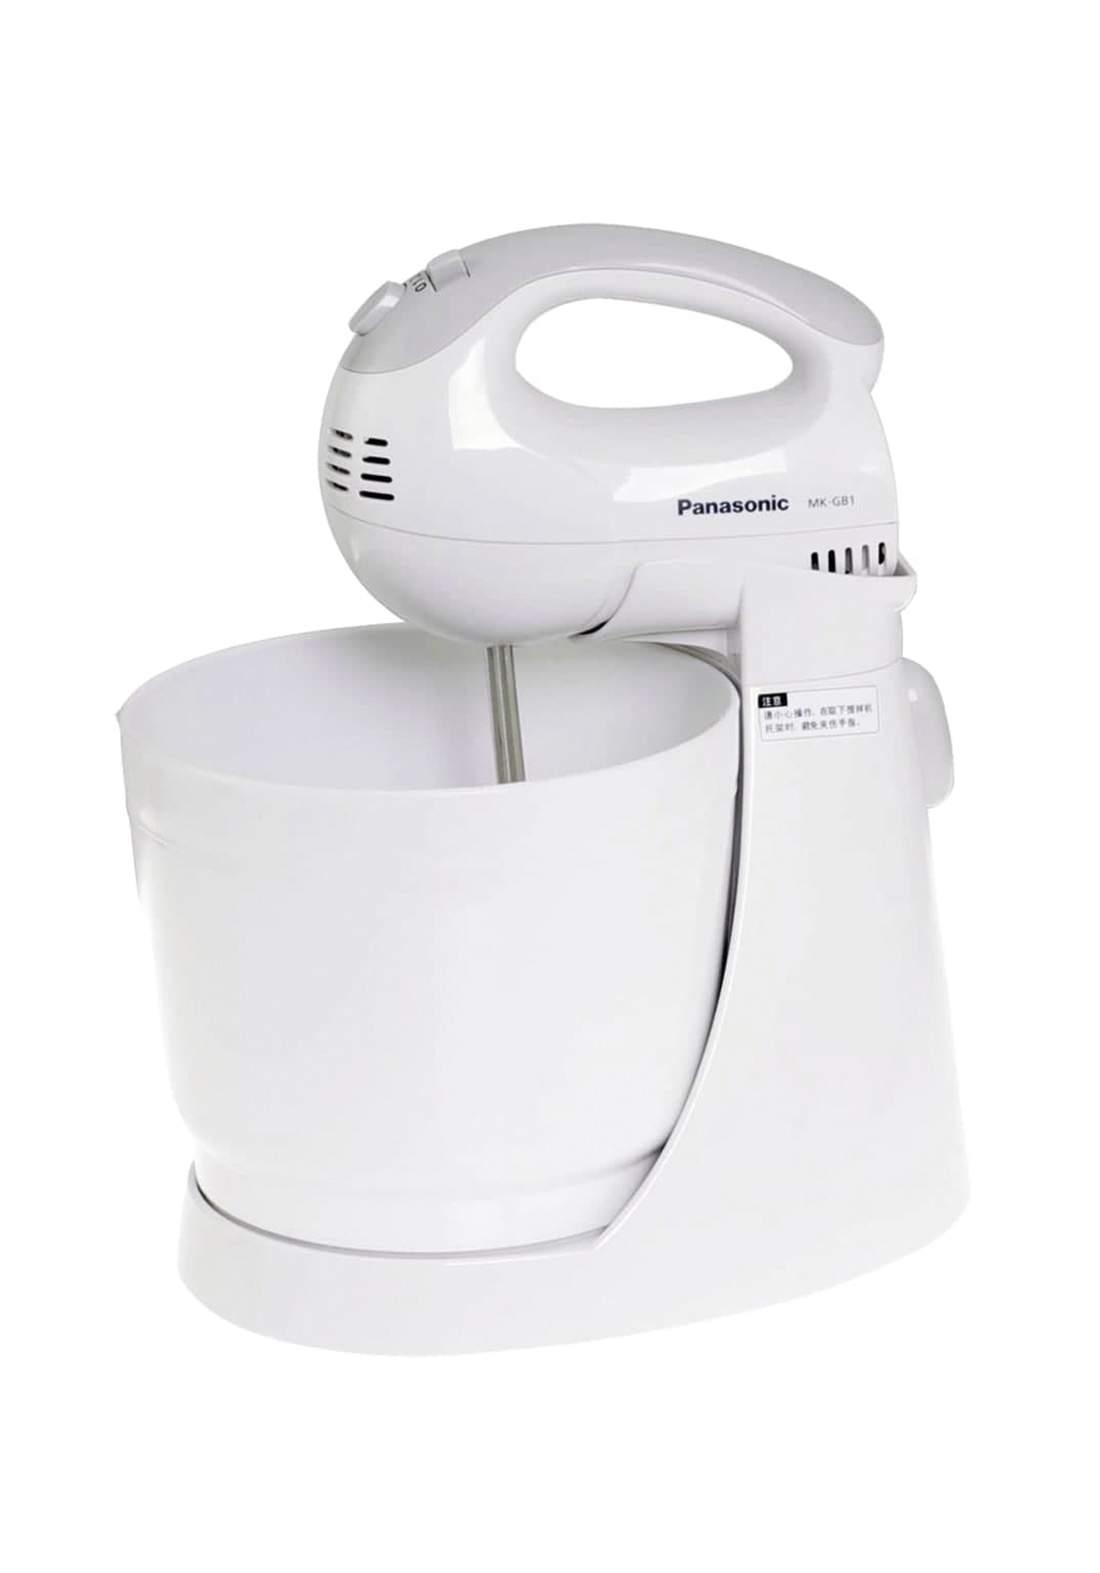 Panasonic MK-GB1WTN  Stand Mixer 200W عجانة